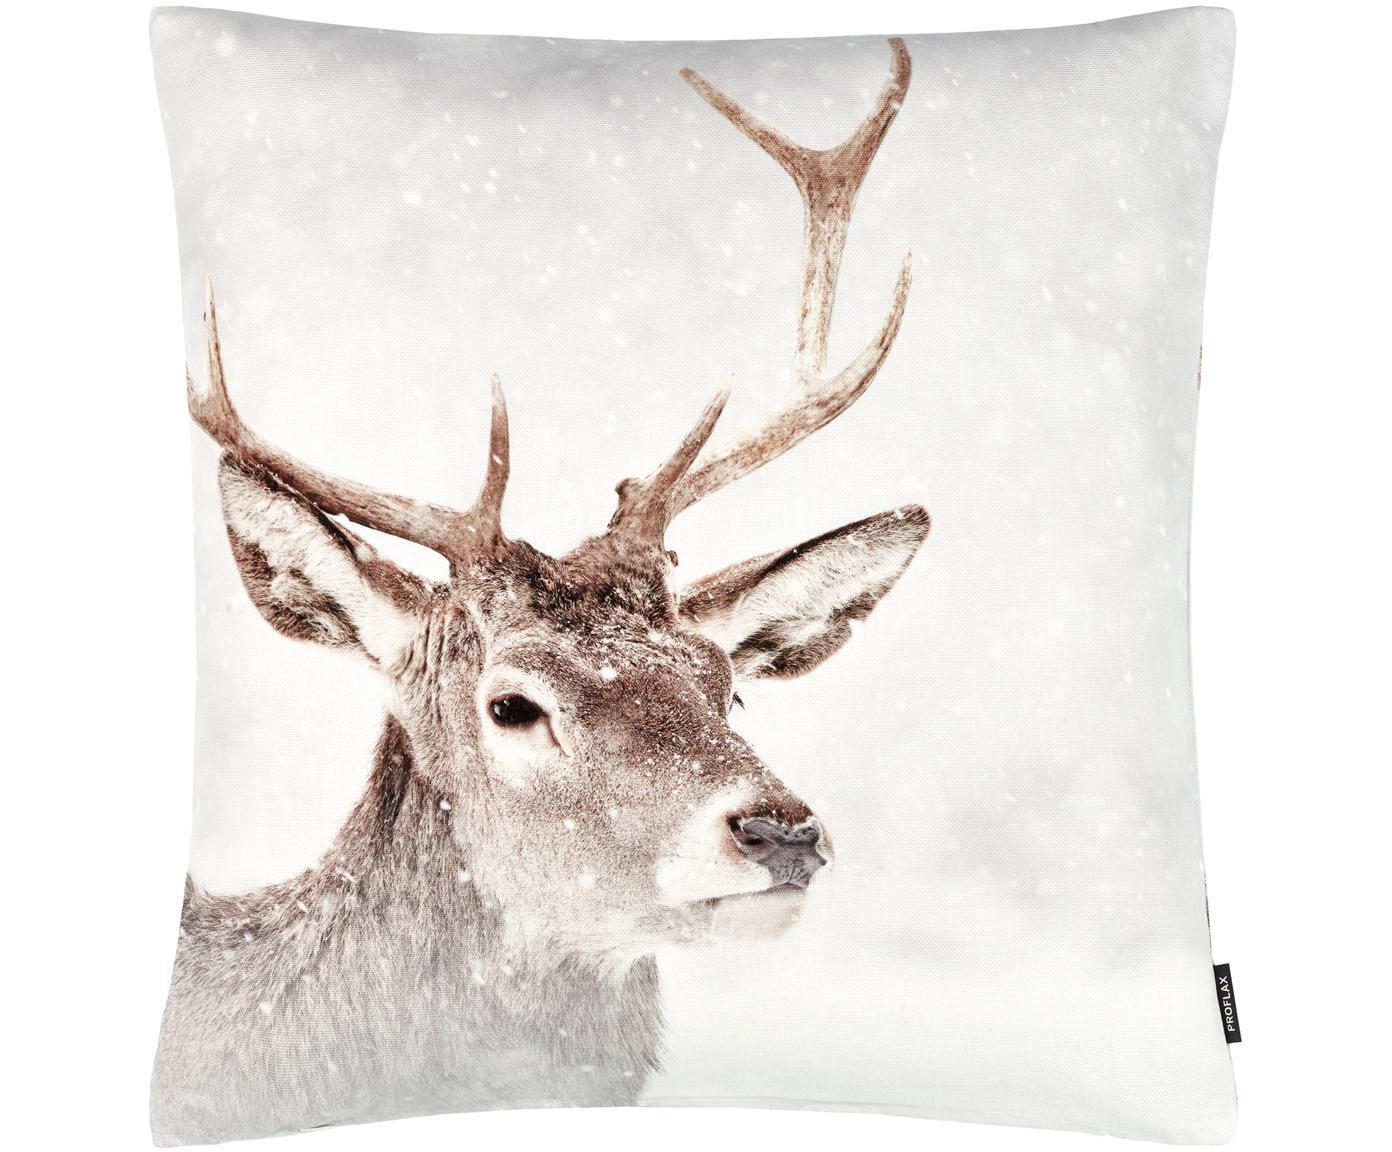 Kissenhülle Jussi mit winterlichem Motiv, Baumwolle, Weiß, Beigetöne, Braun, 50 x 50 cm